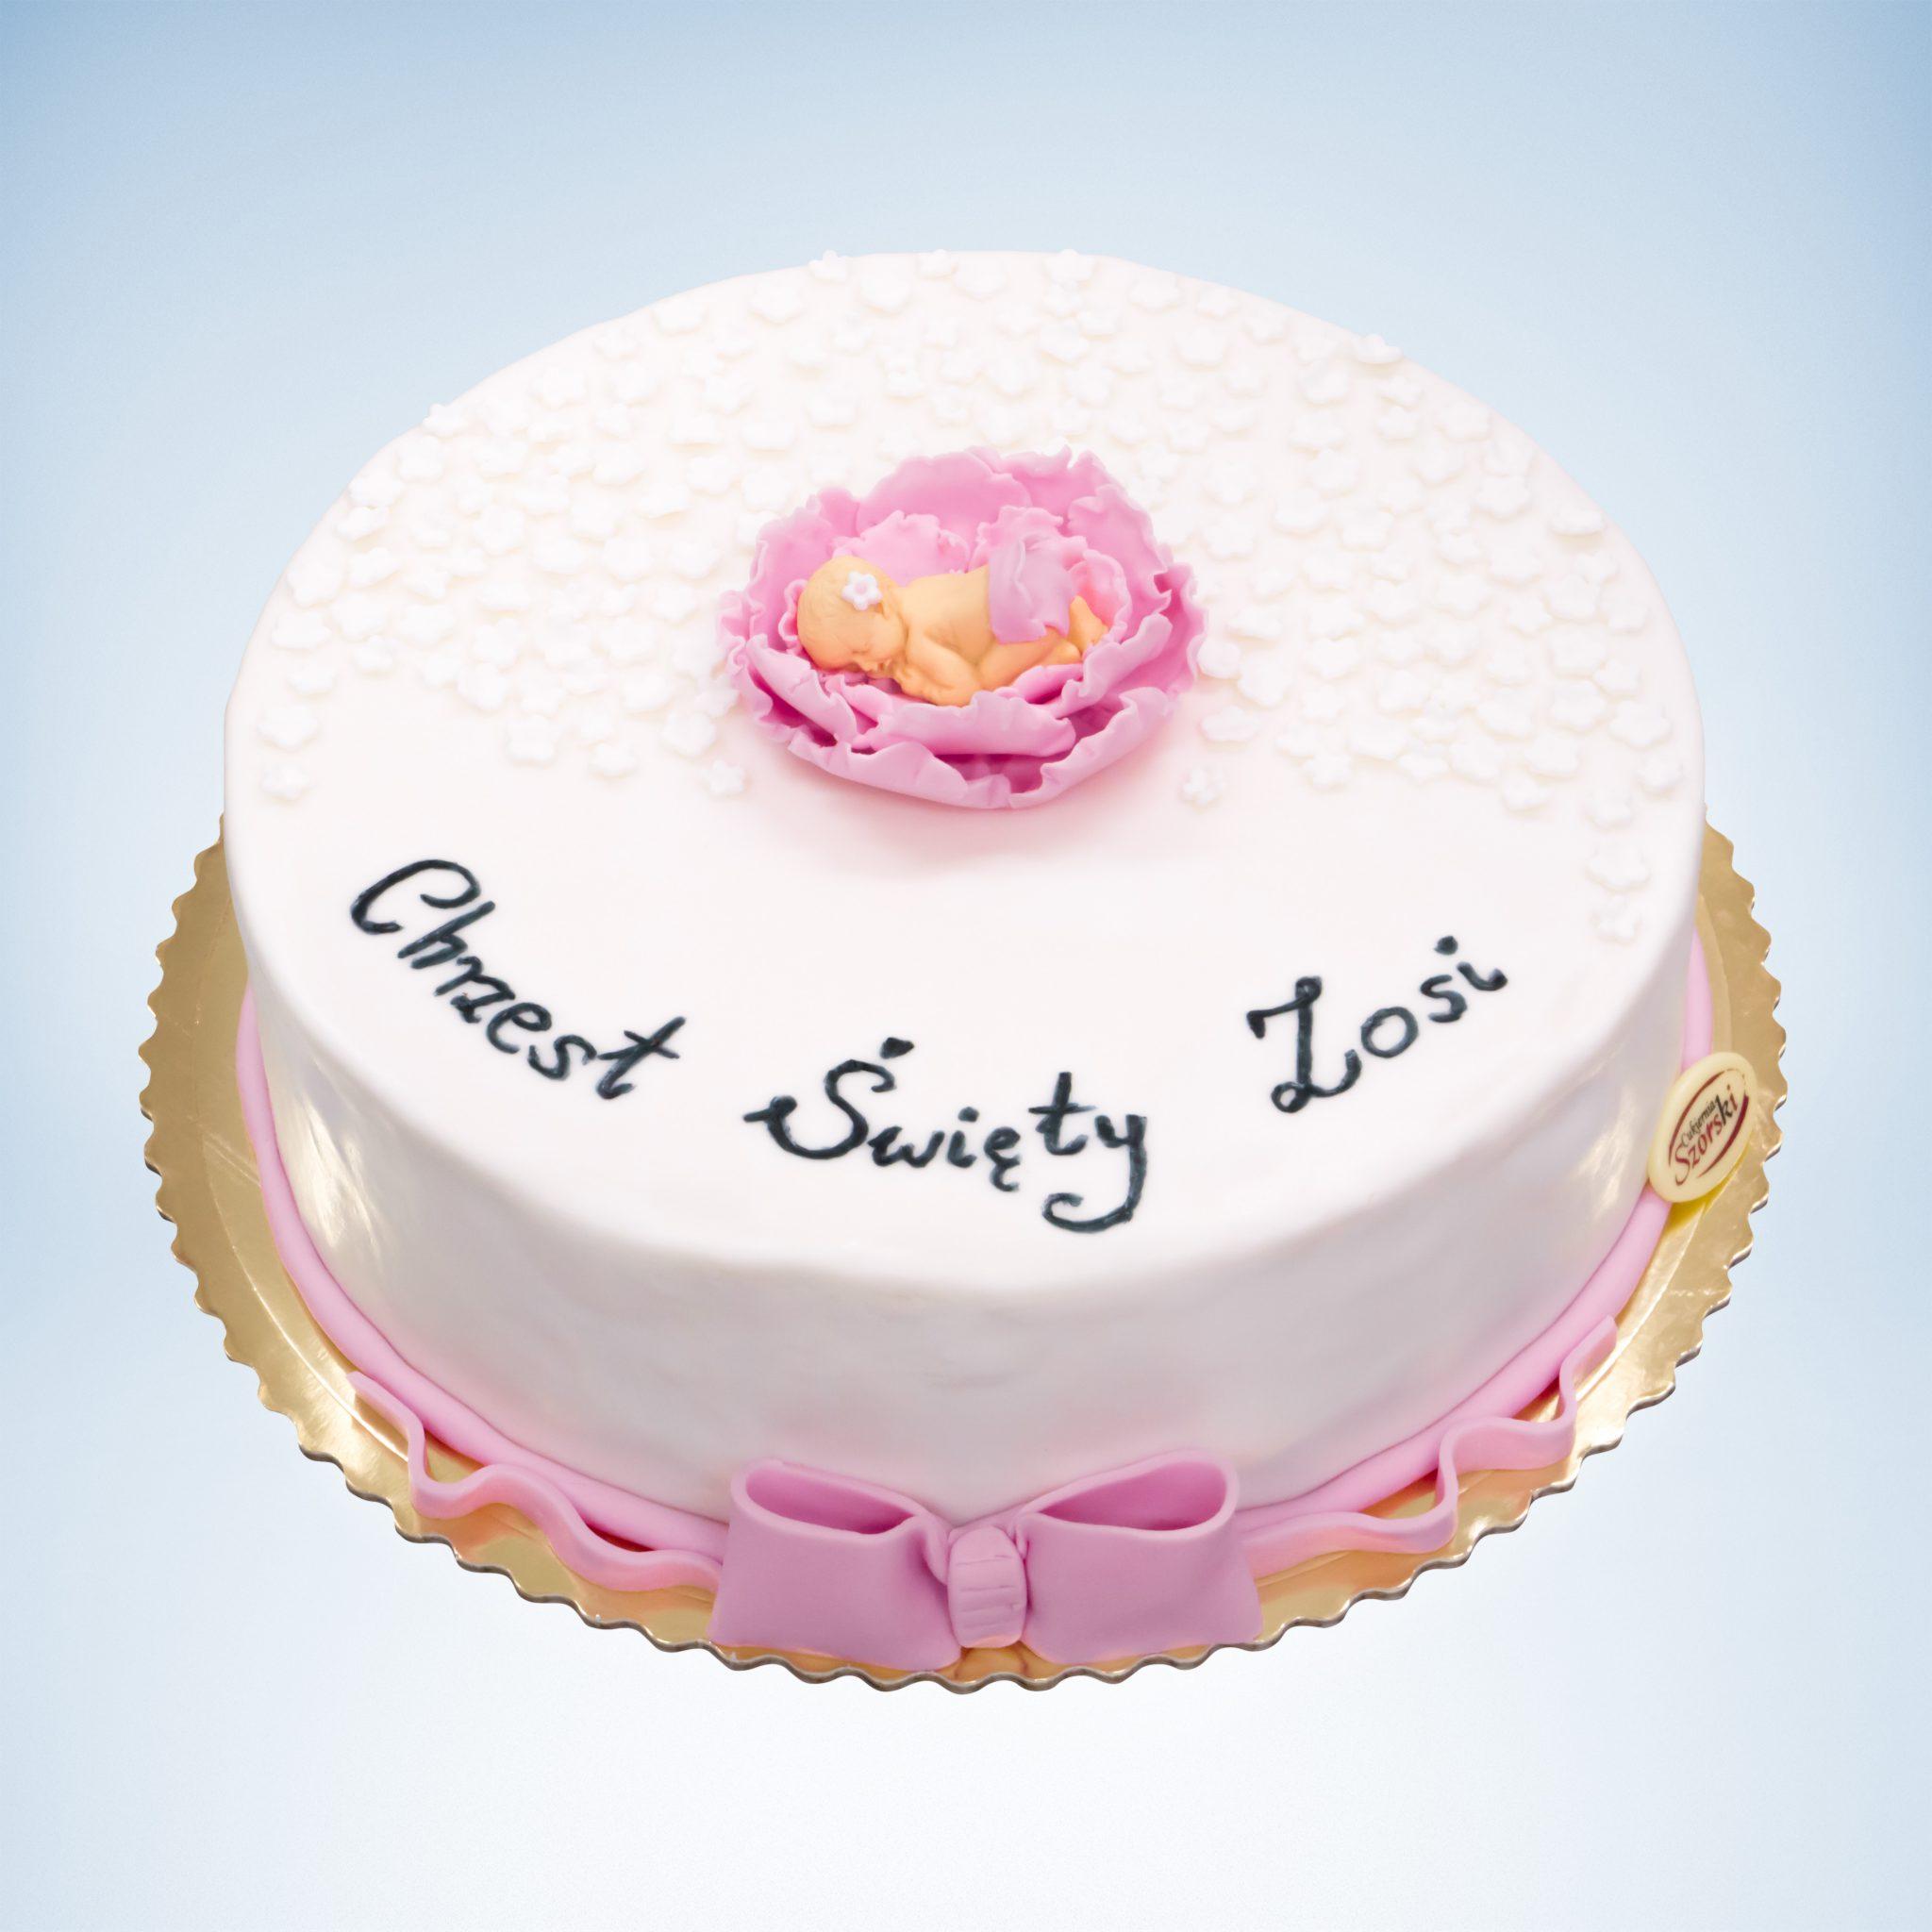 tort na chrzest święty biało różowy